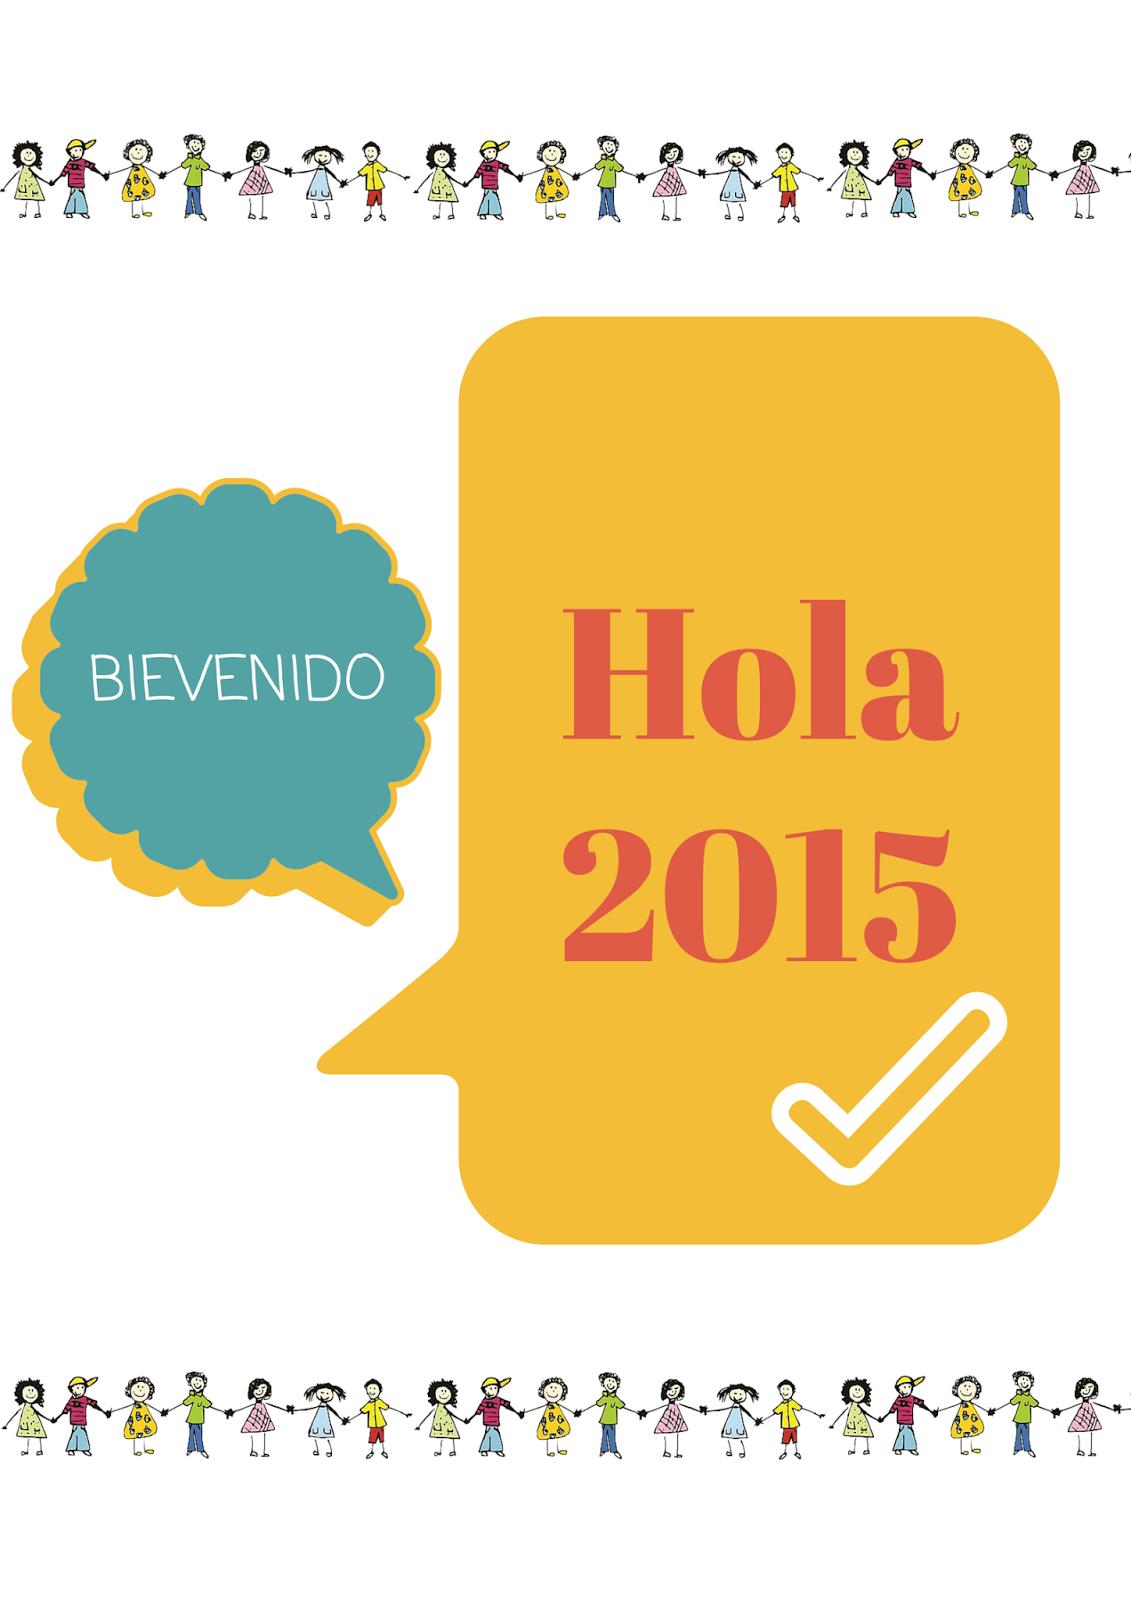 Aqu entre ni os jard n infantil bienvenido 2015 for Cronograma jardin infantil 2015